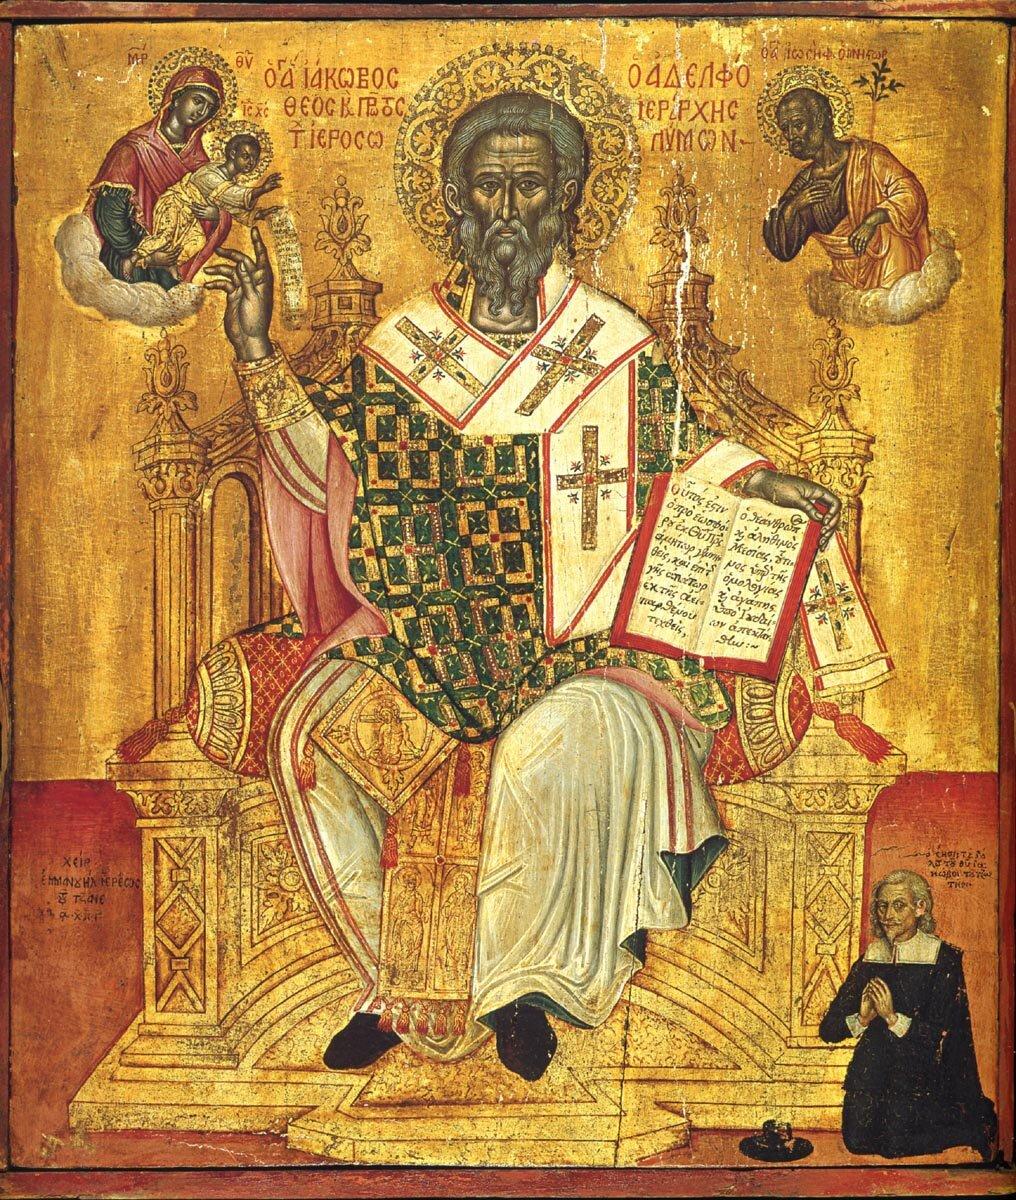 Послания апостолов картинки высокого качества